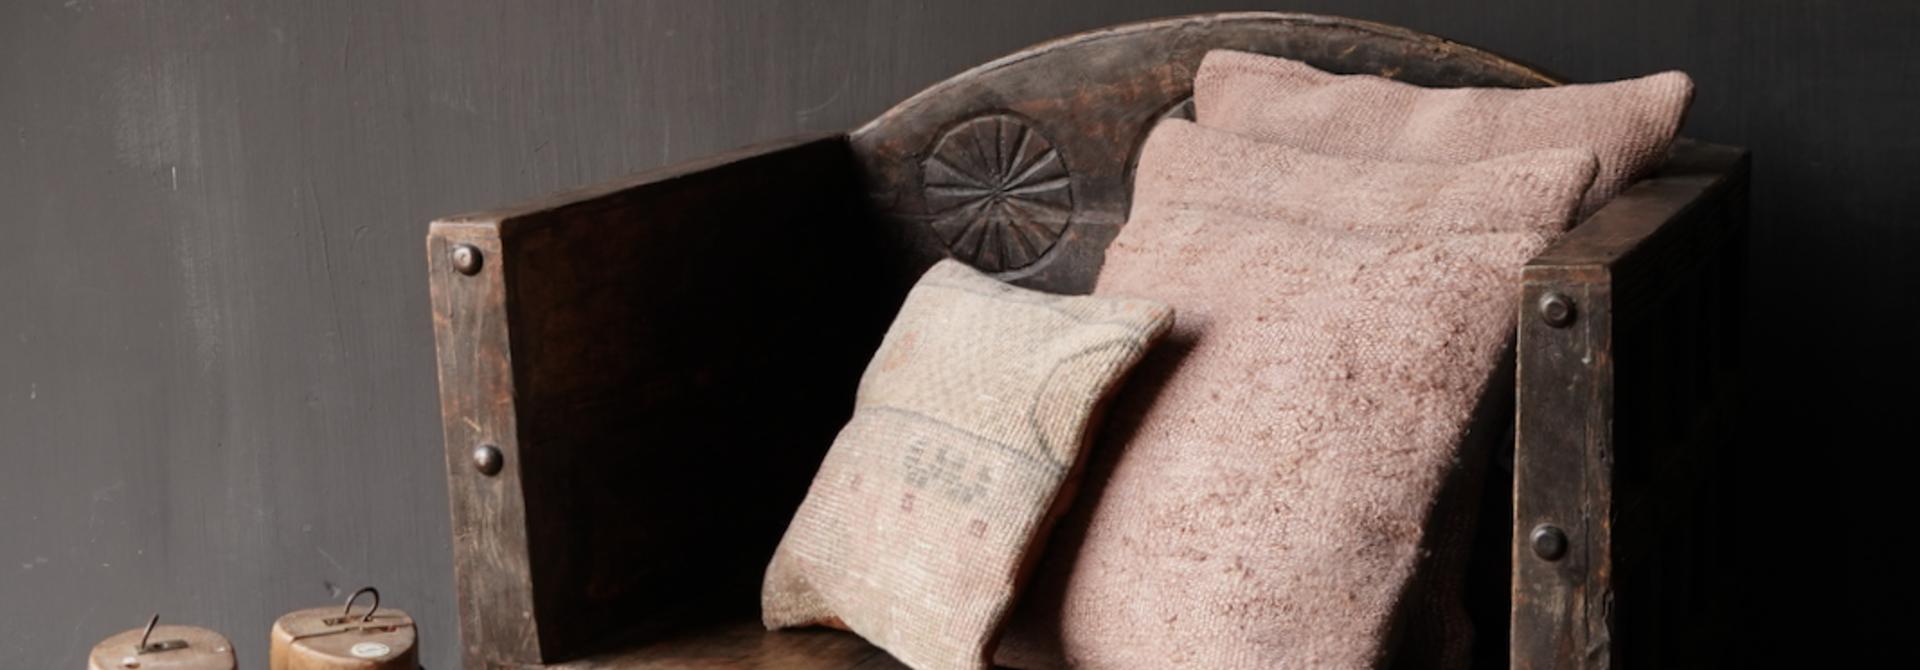 Uniek Antiek houten indische stoel